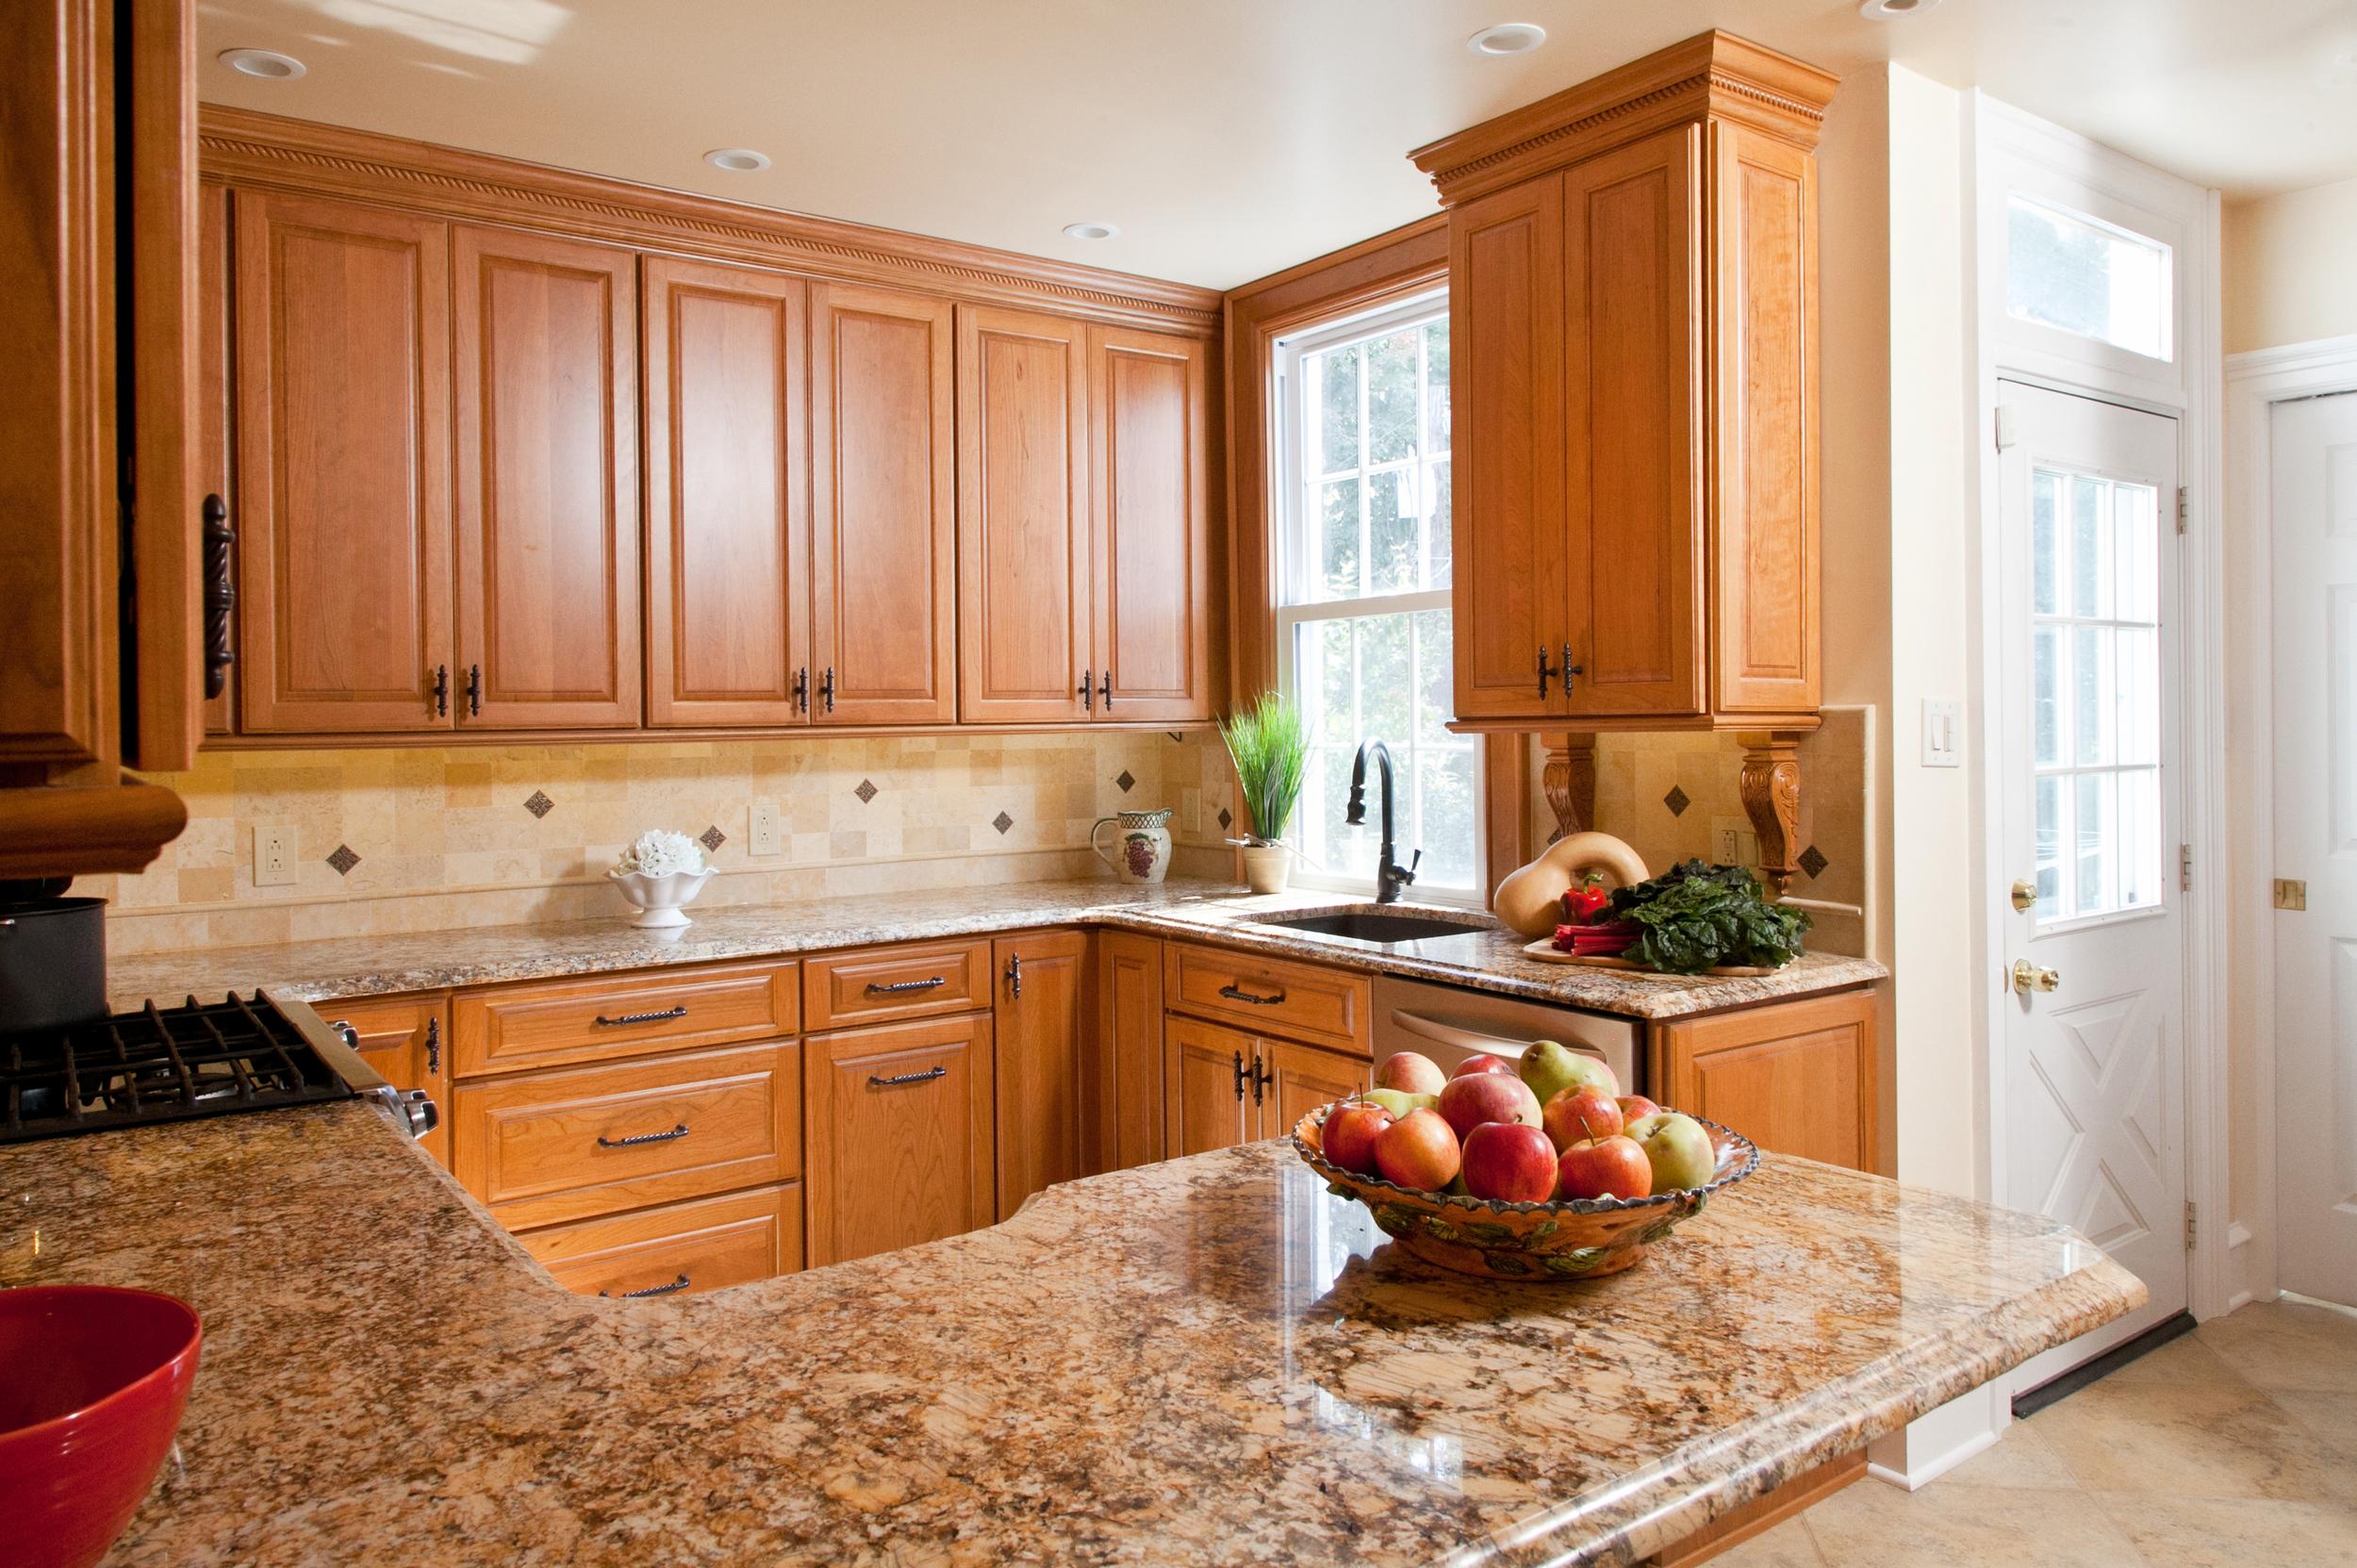 kitchen-remodeling-elkins-park-pa-traditional